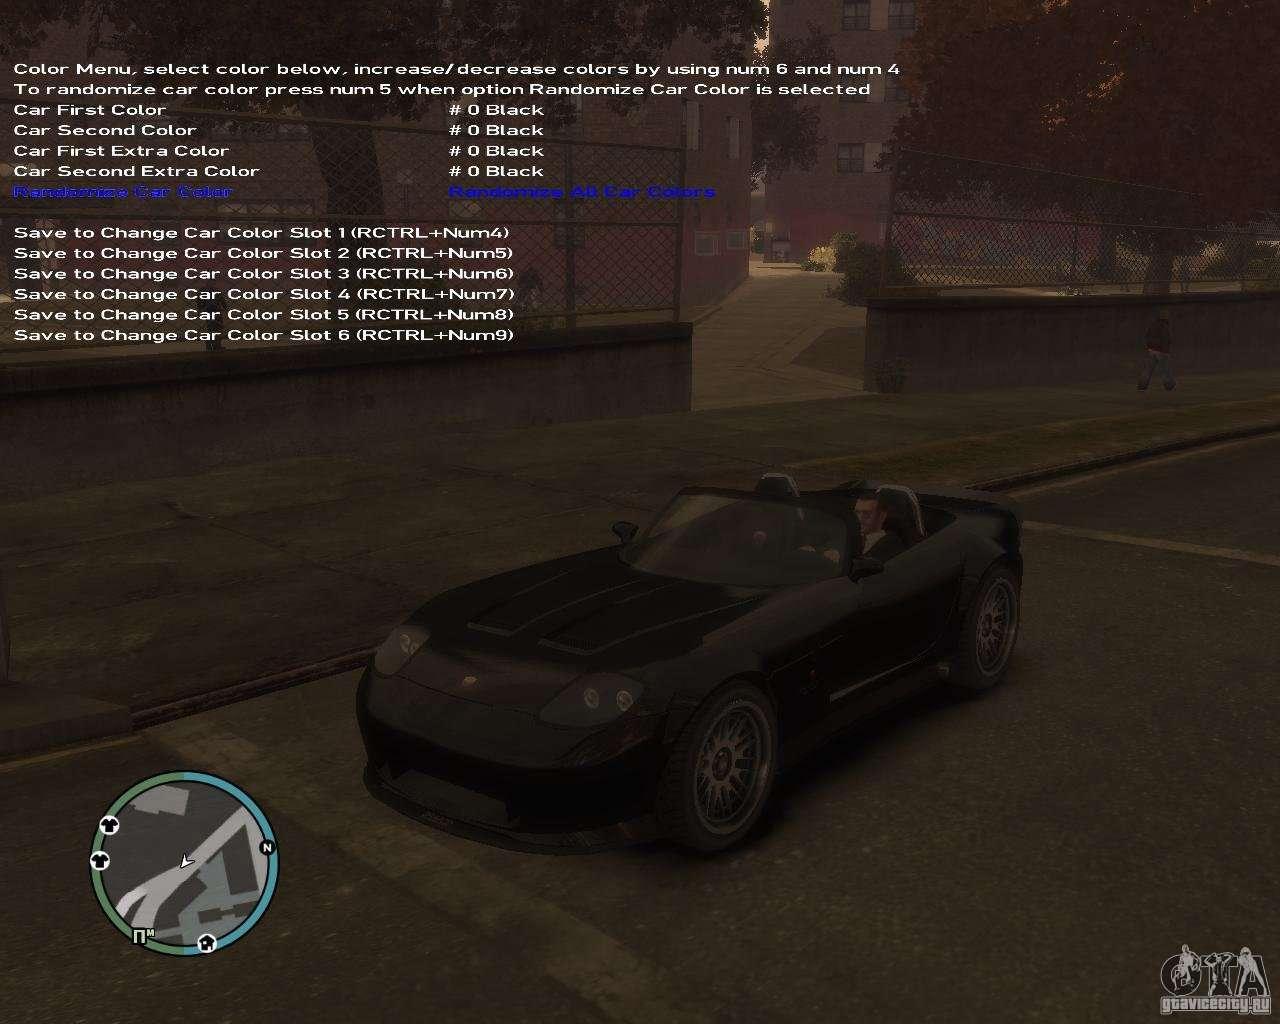 Бесплатно скачать Simple Native Trainer v6.4 без регистрации, Моддинг GTA 4